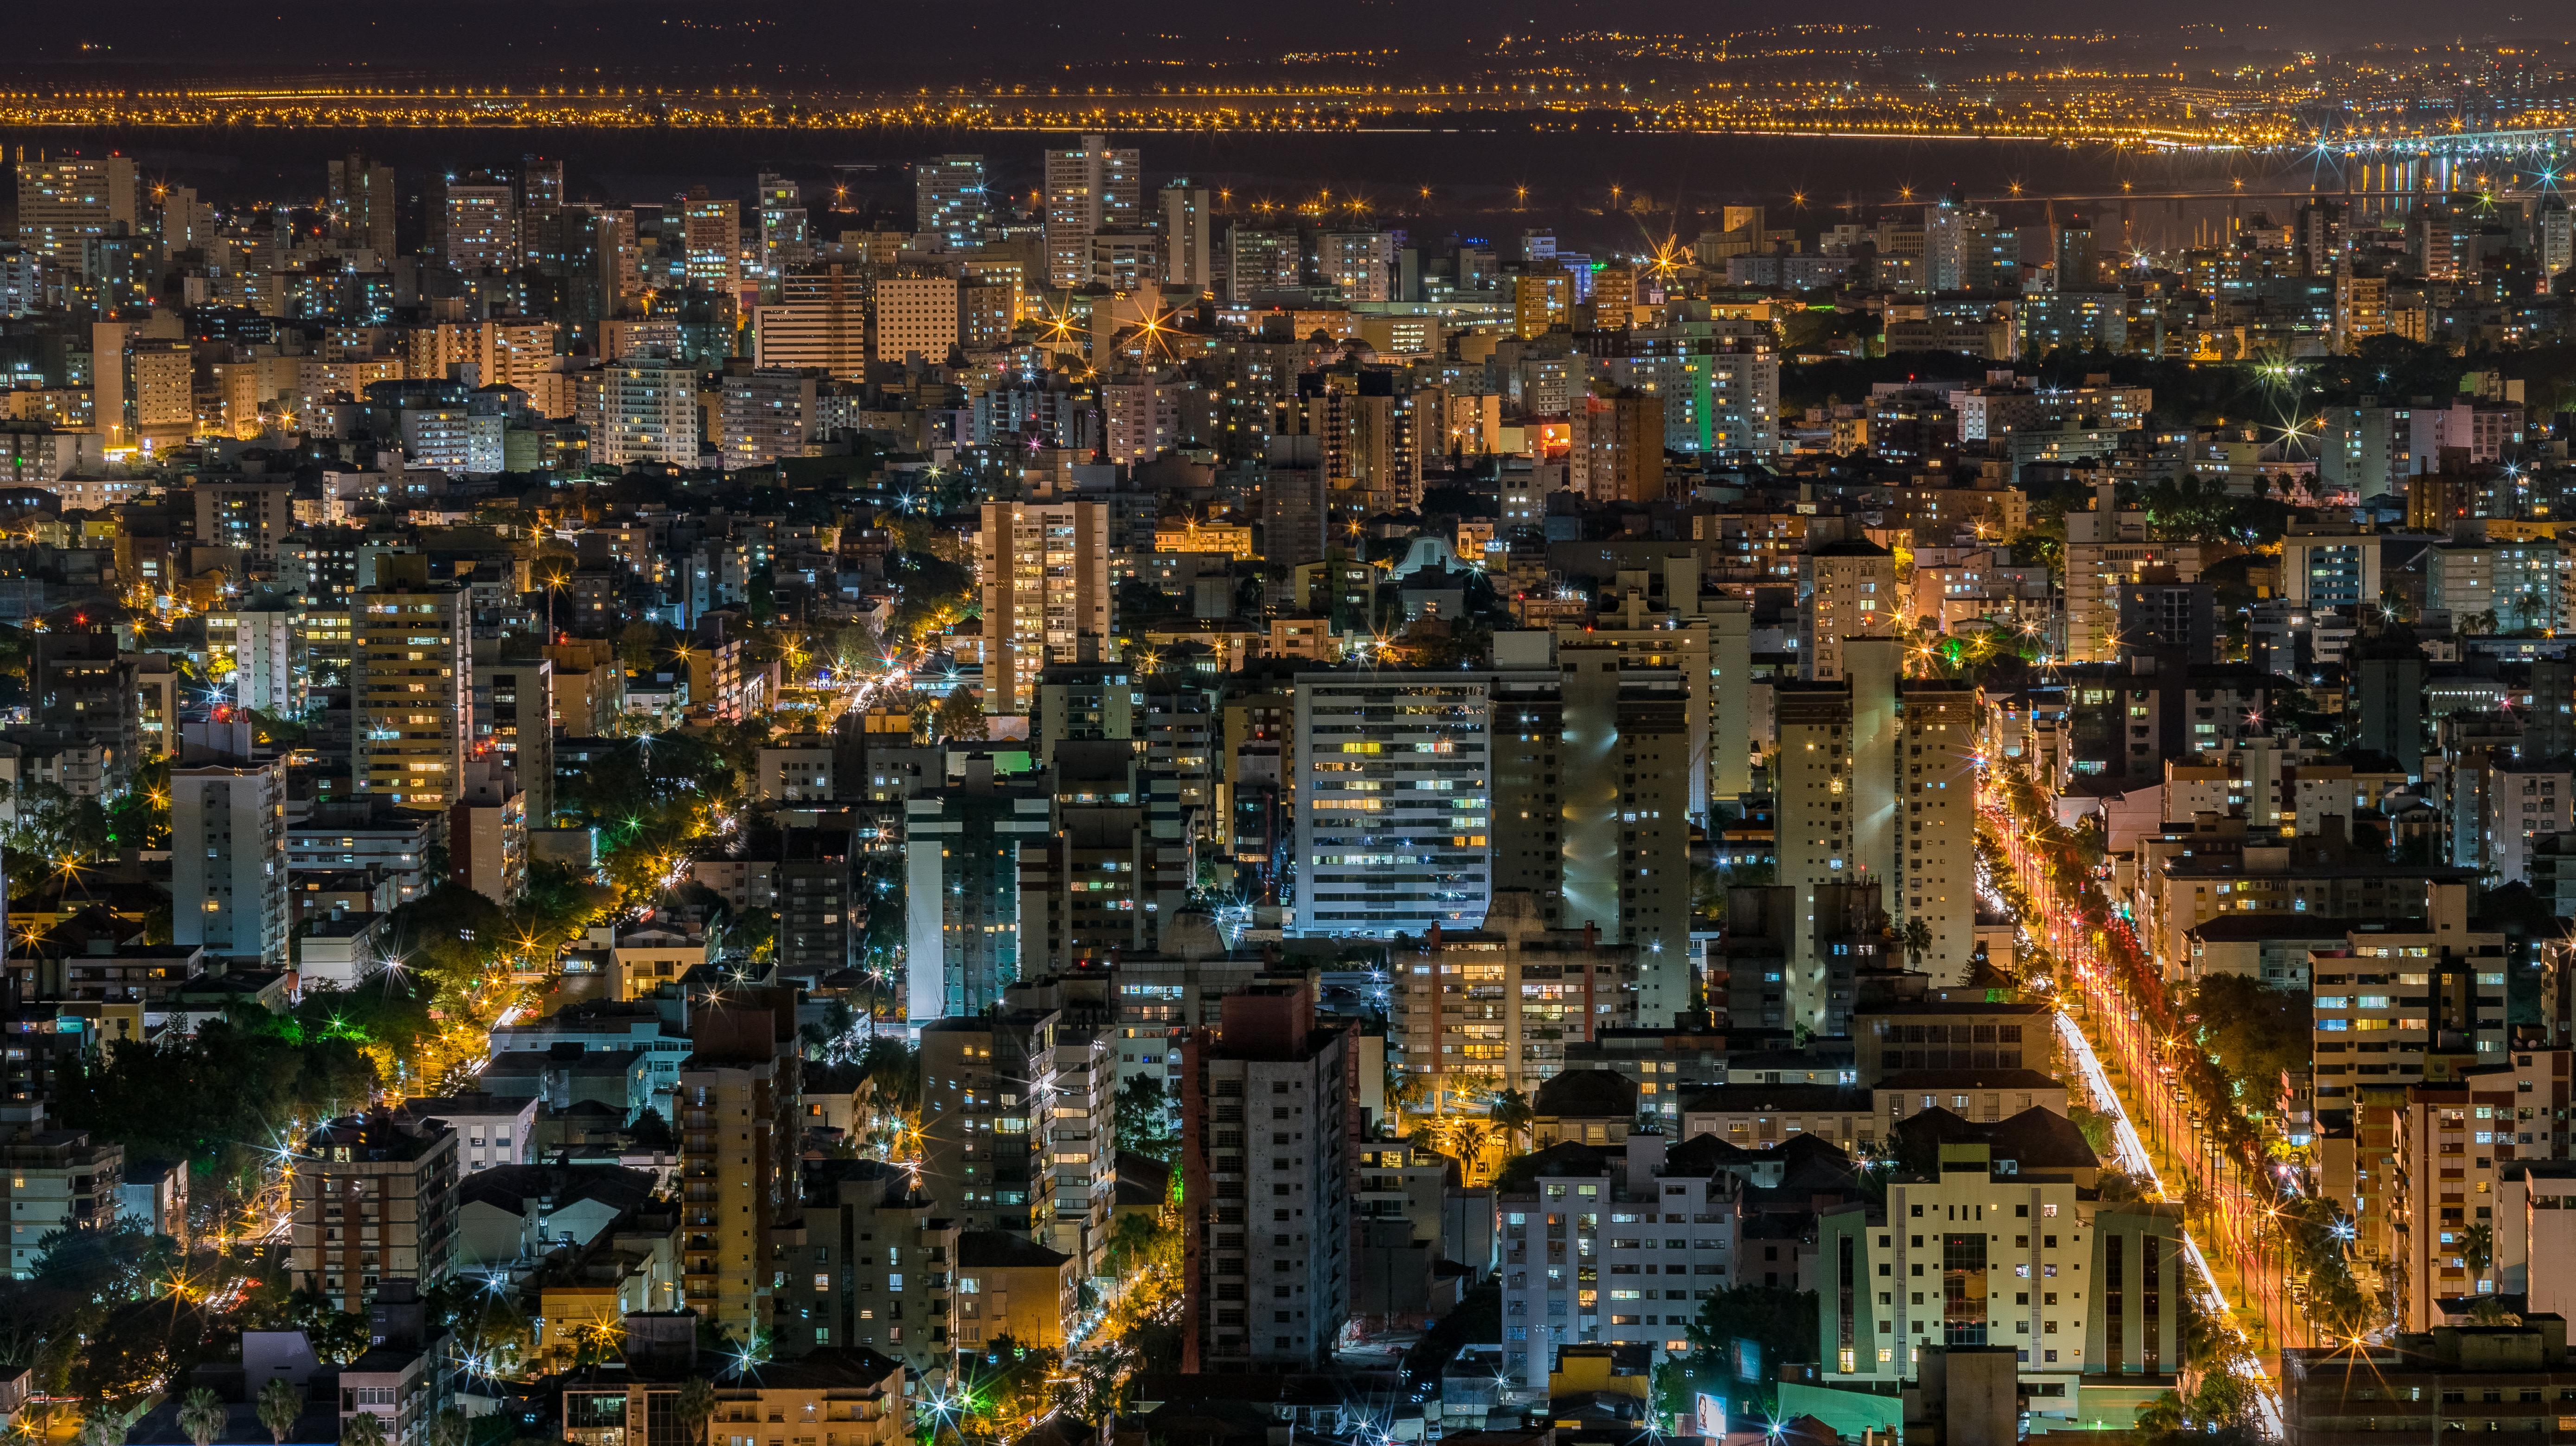 porto alegre brazilian